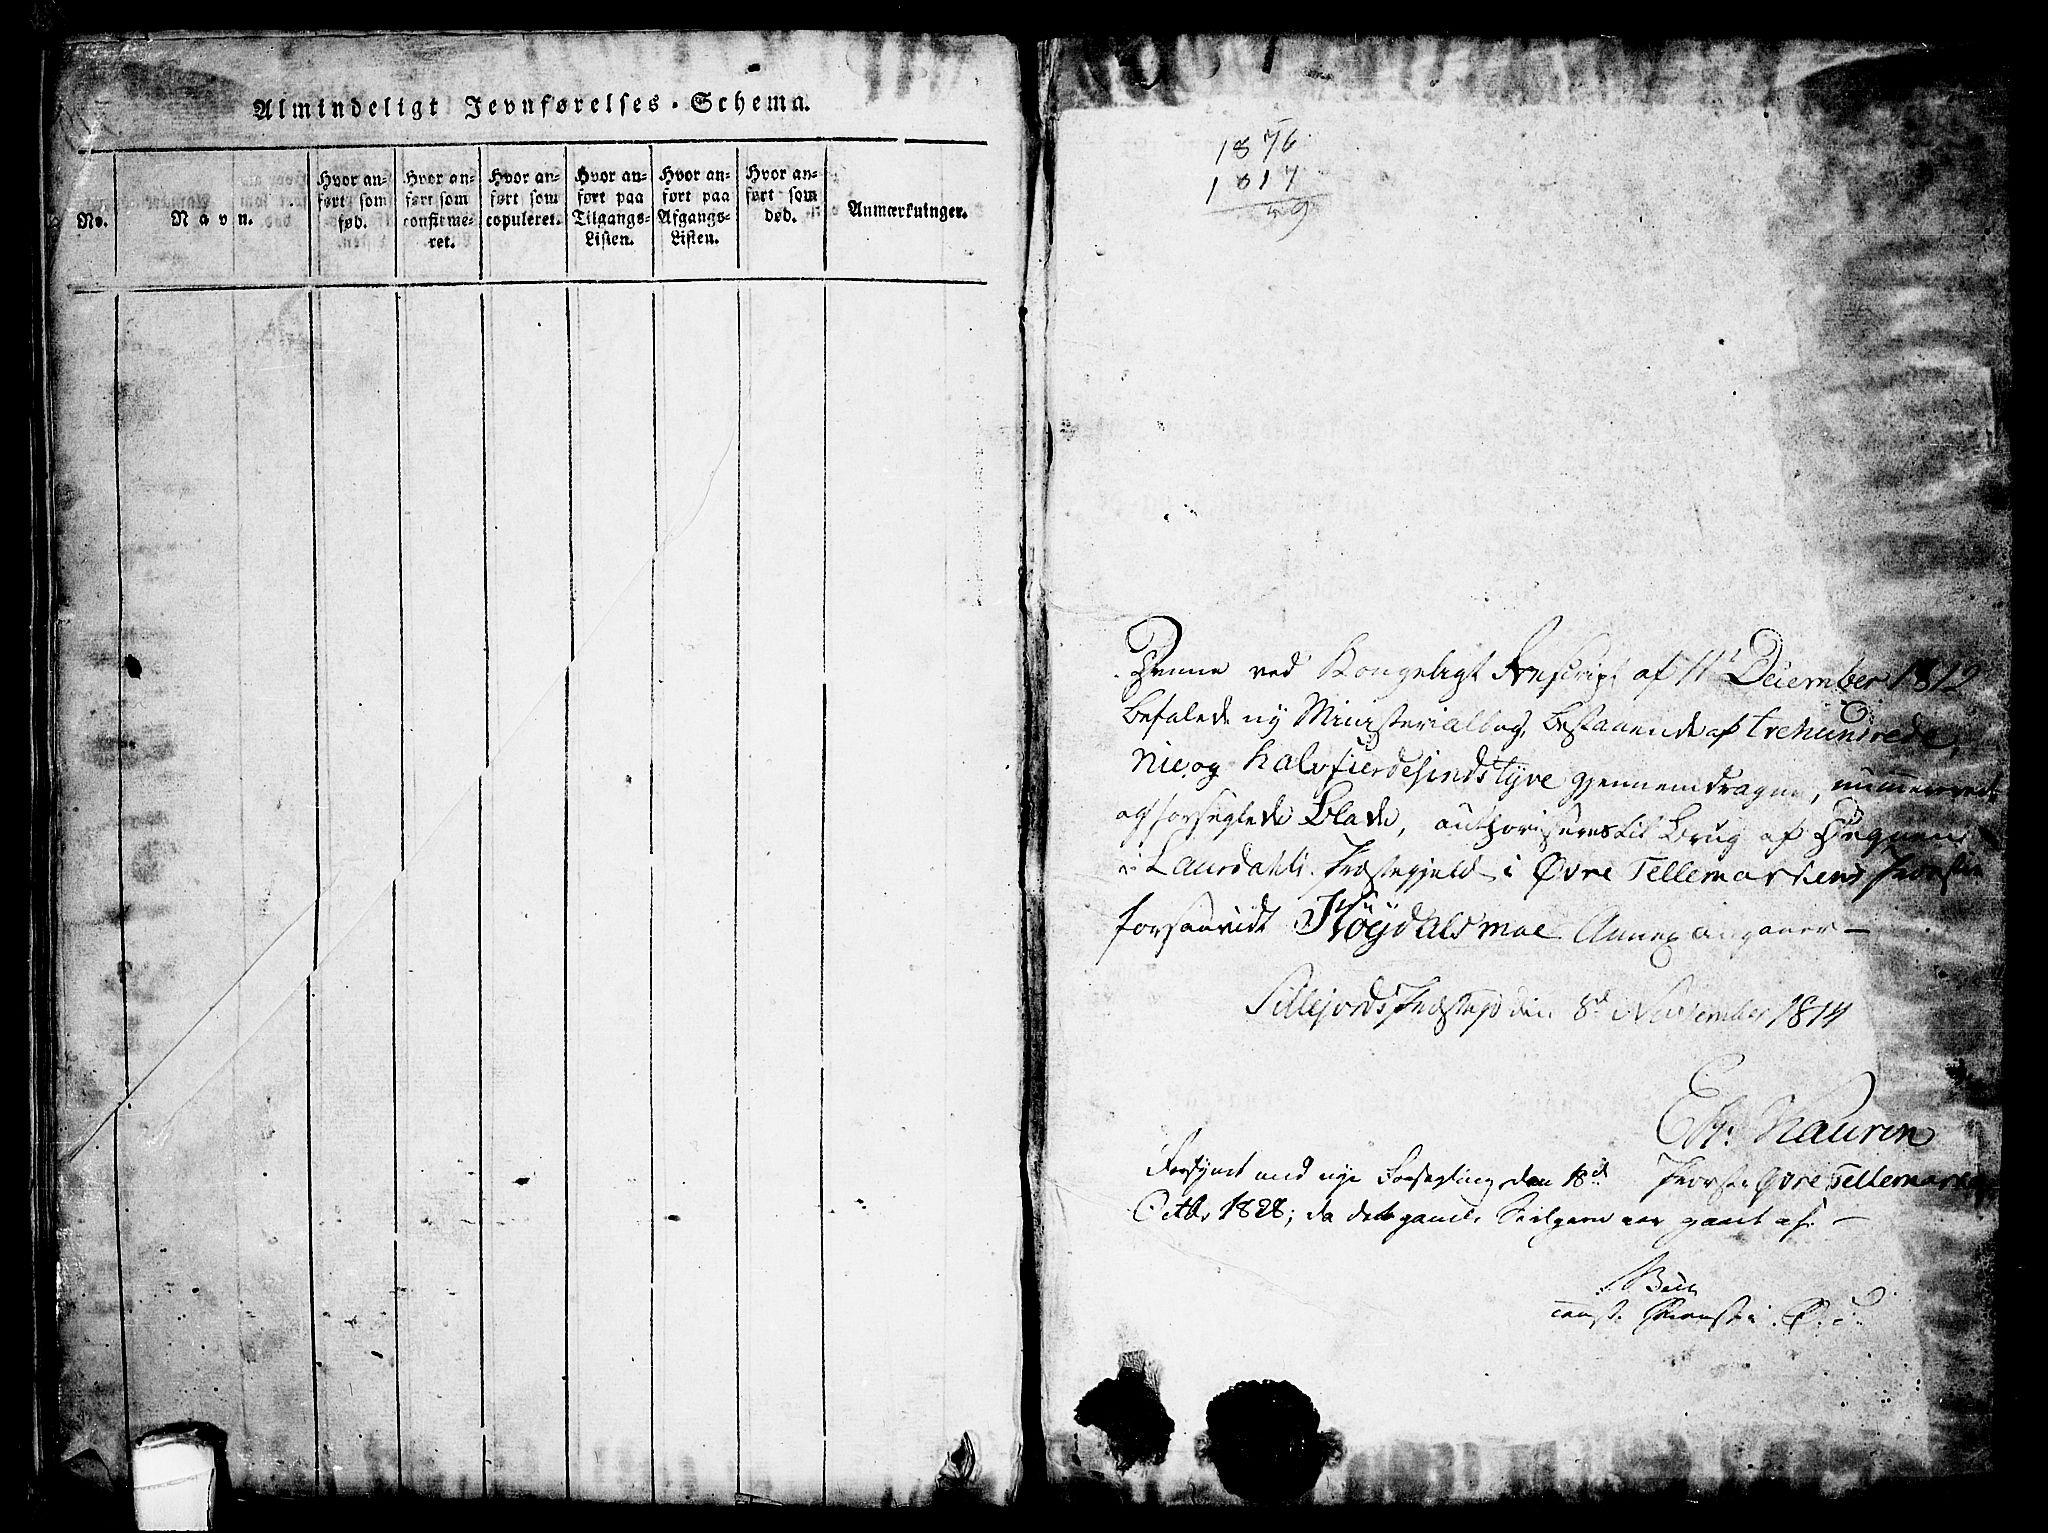 SAKO, Lårdal kirkebøker, G/Gc/L0001: Klokkerbok nr. III 1, 1815-1854